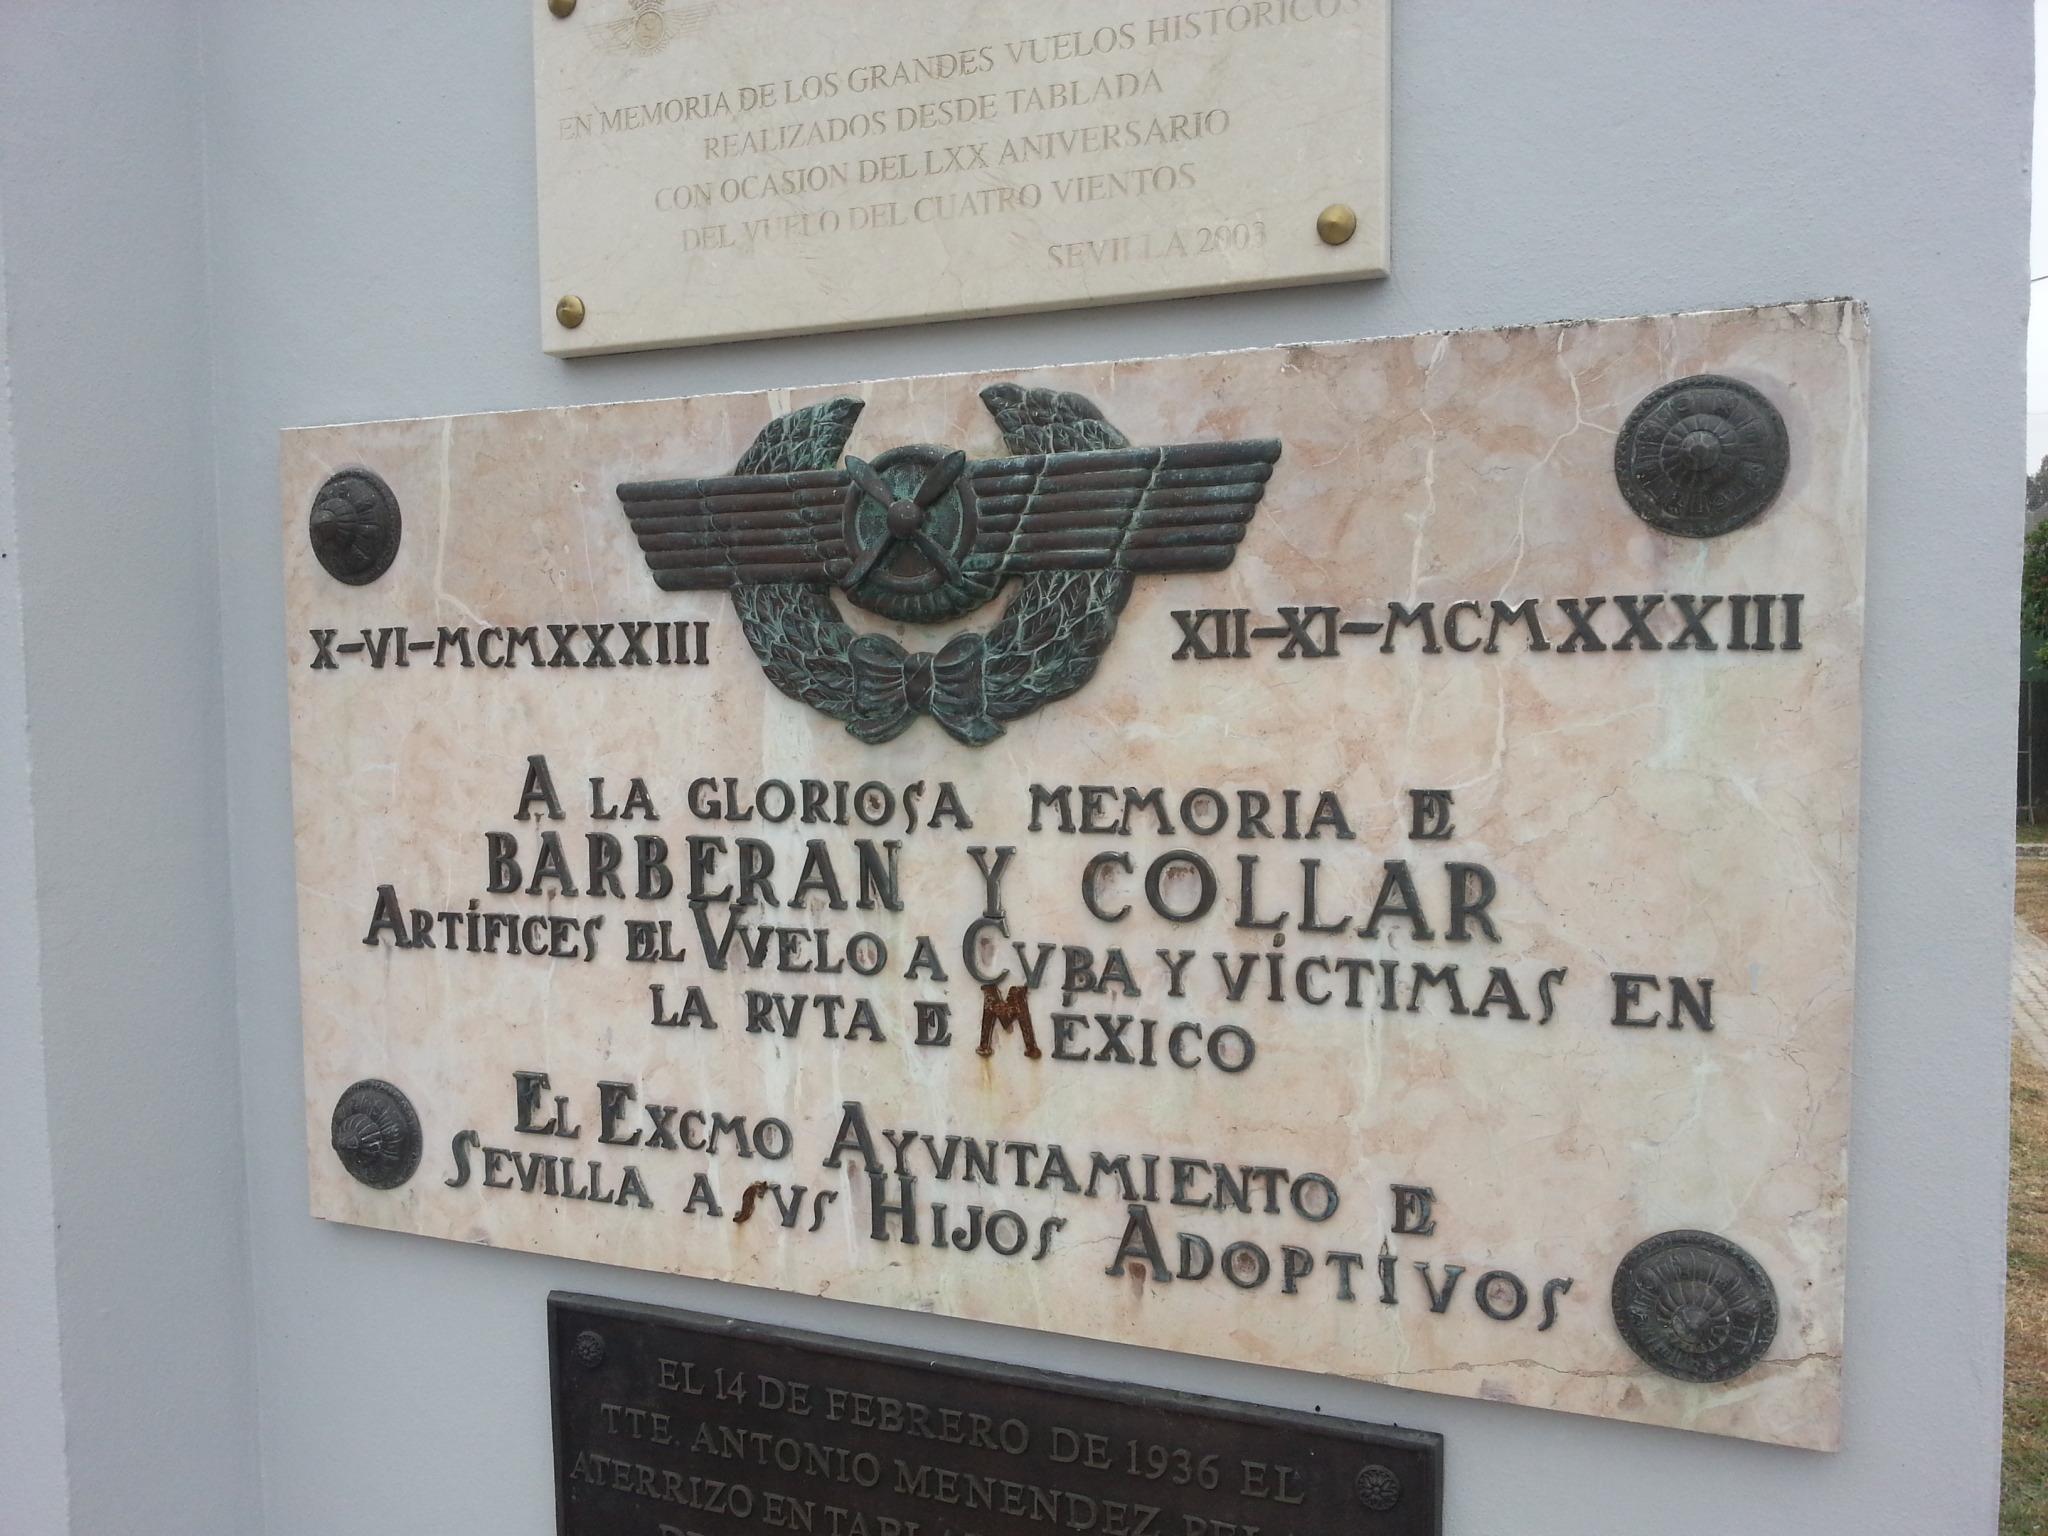 Esta lápida recuerda desde su inauguración en 1933 en la Base Aérea de Tablada la hazaña del Cuatro Vientos y su tragedia posterior